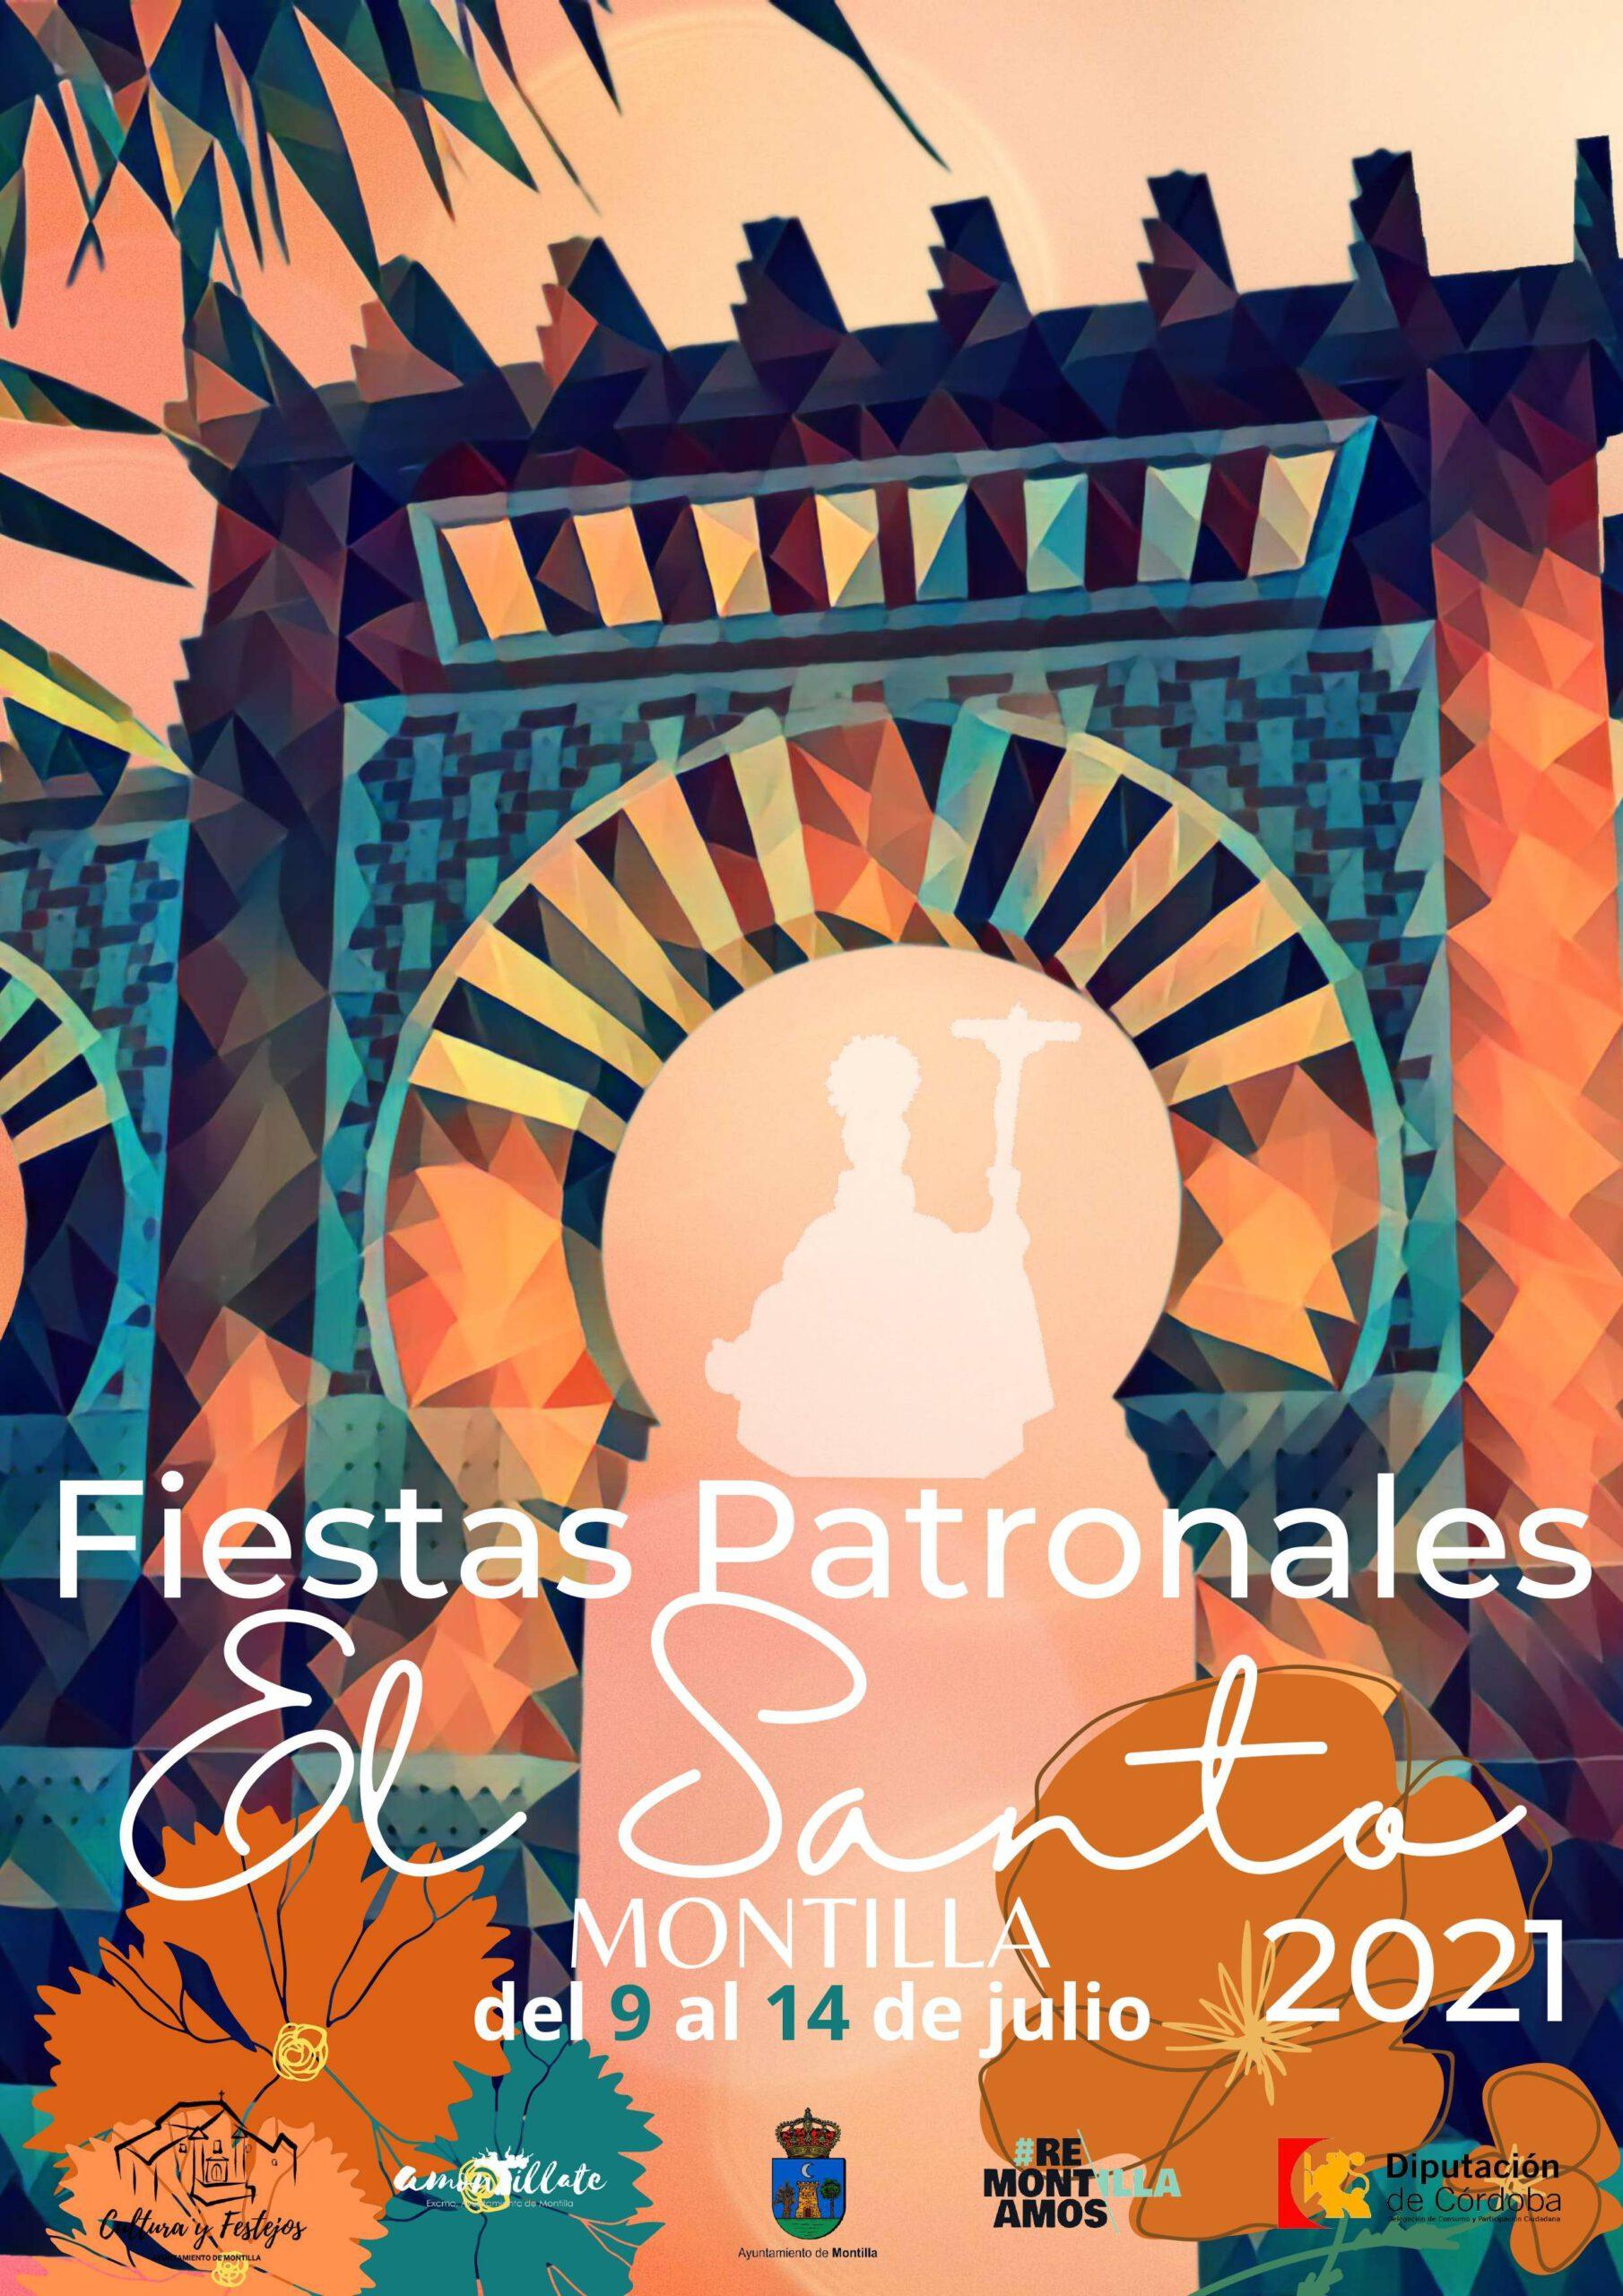 Fiestas patronales de El Santo (2021) - Montilla (Córdoba) 1